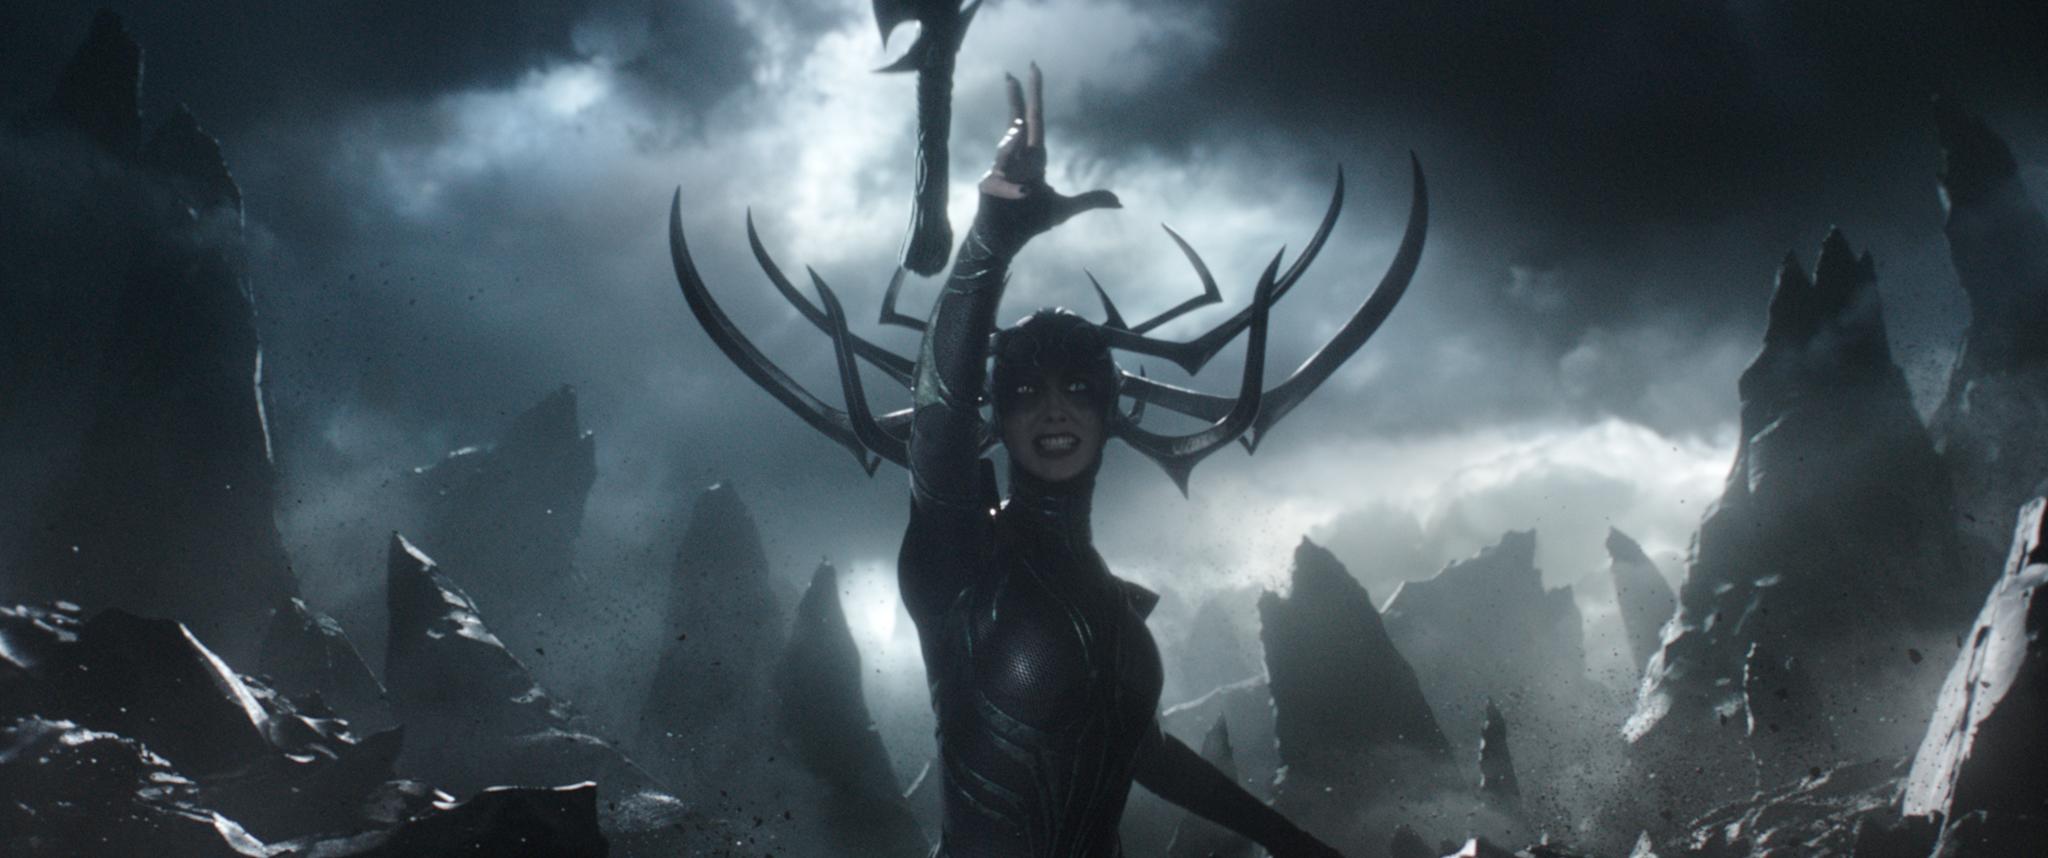 Cate Blanchett como a vilã Hela, liderando um ataque à Asgard